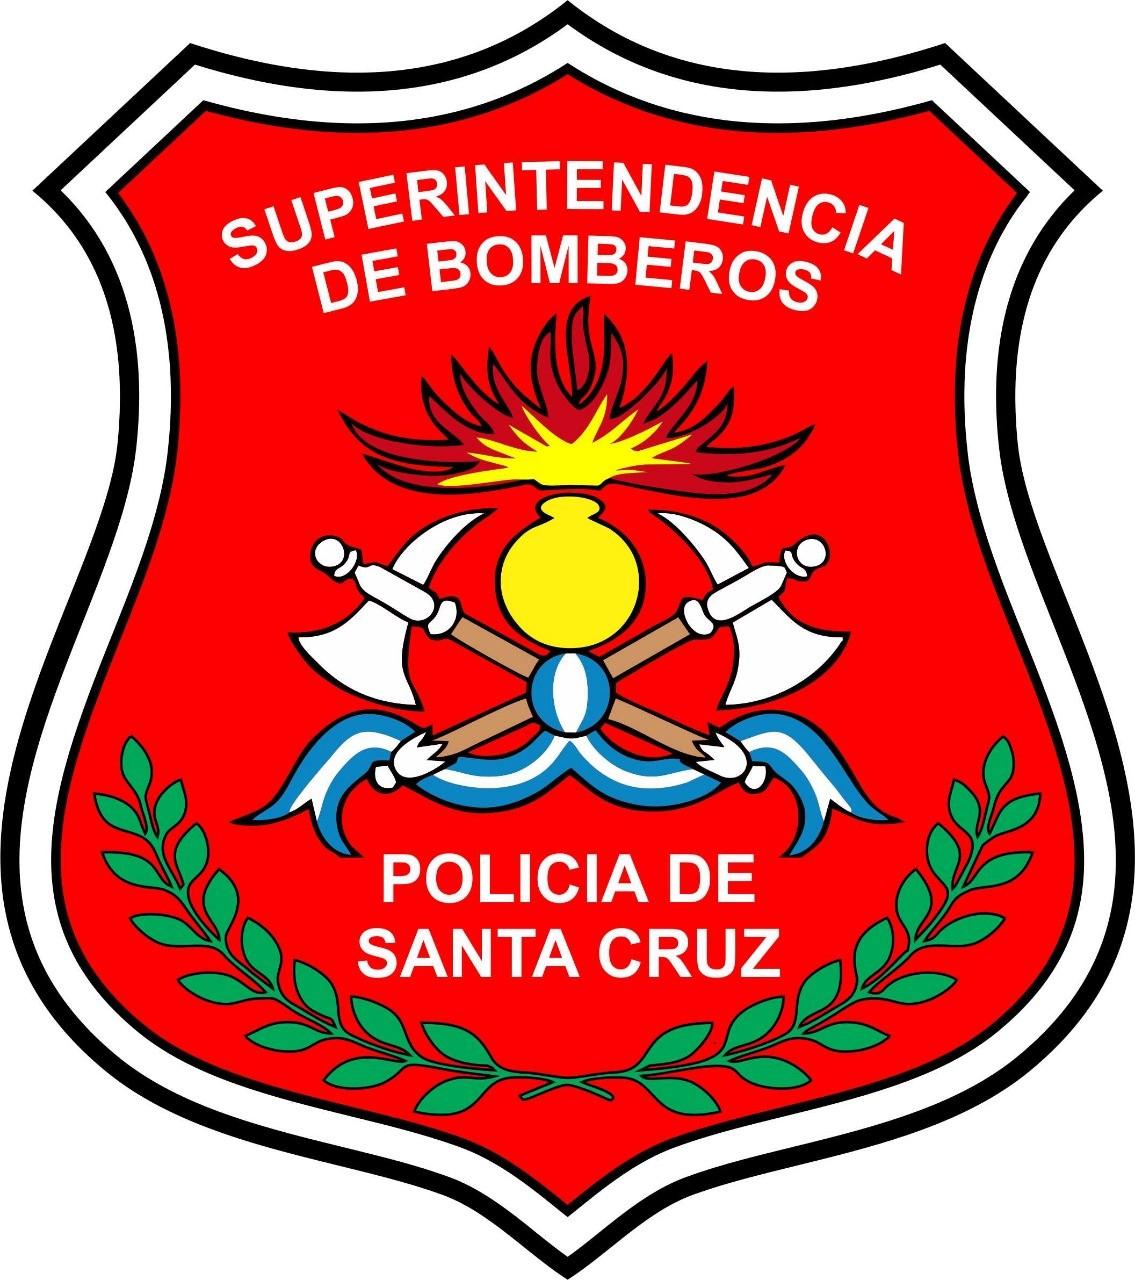 ESCUDO SUPERINTENDENCIA DE BOMBEROS